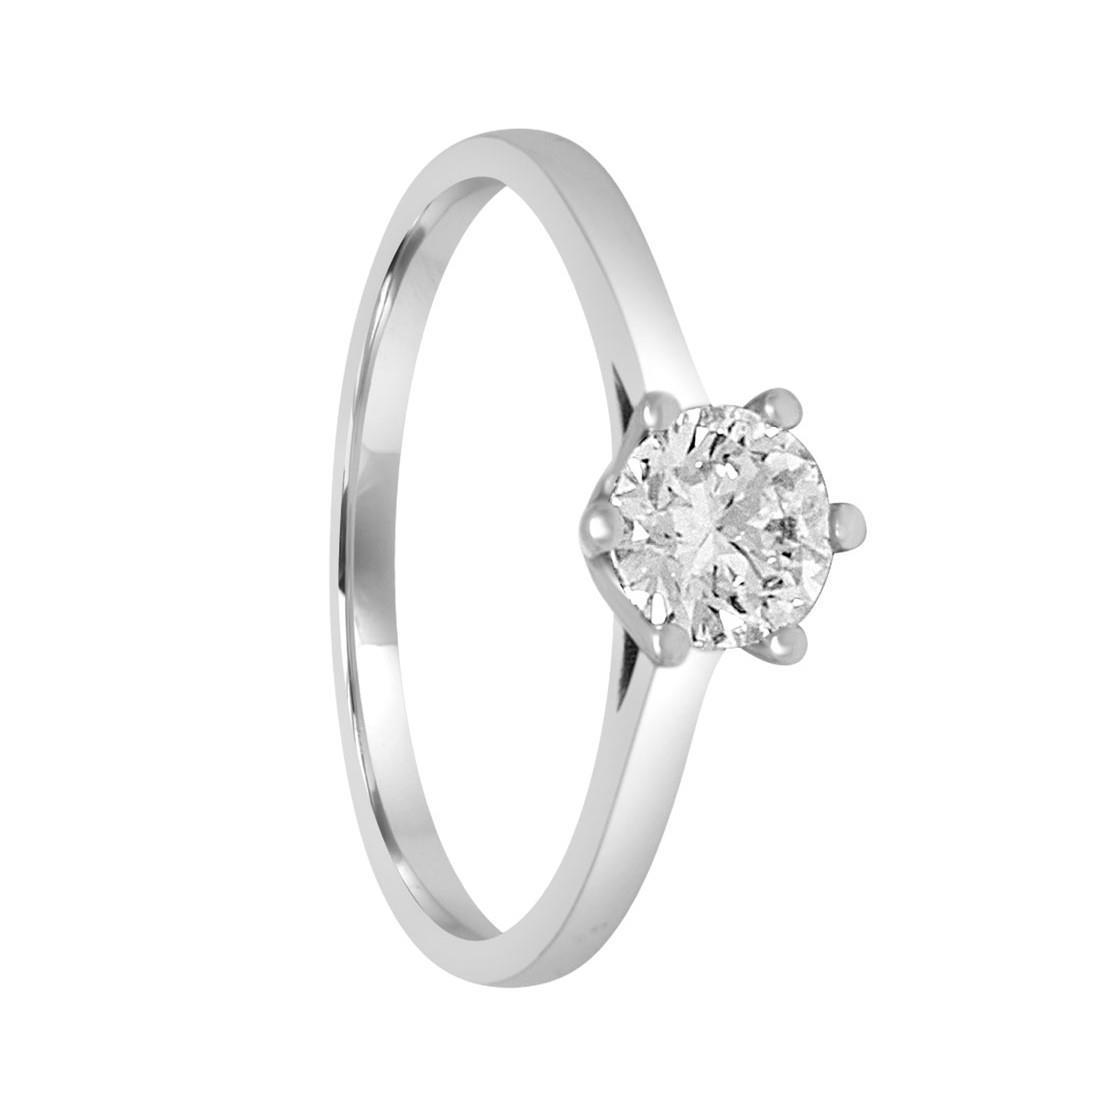 Anello solitario in oro bianco con diamante ct. 0,50 mis 14 - ALFIERI ST JOHN